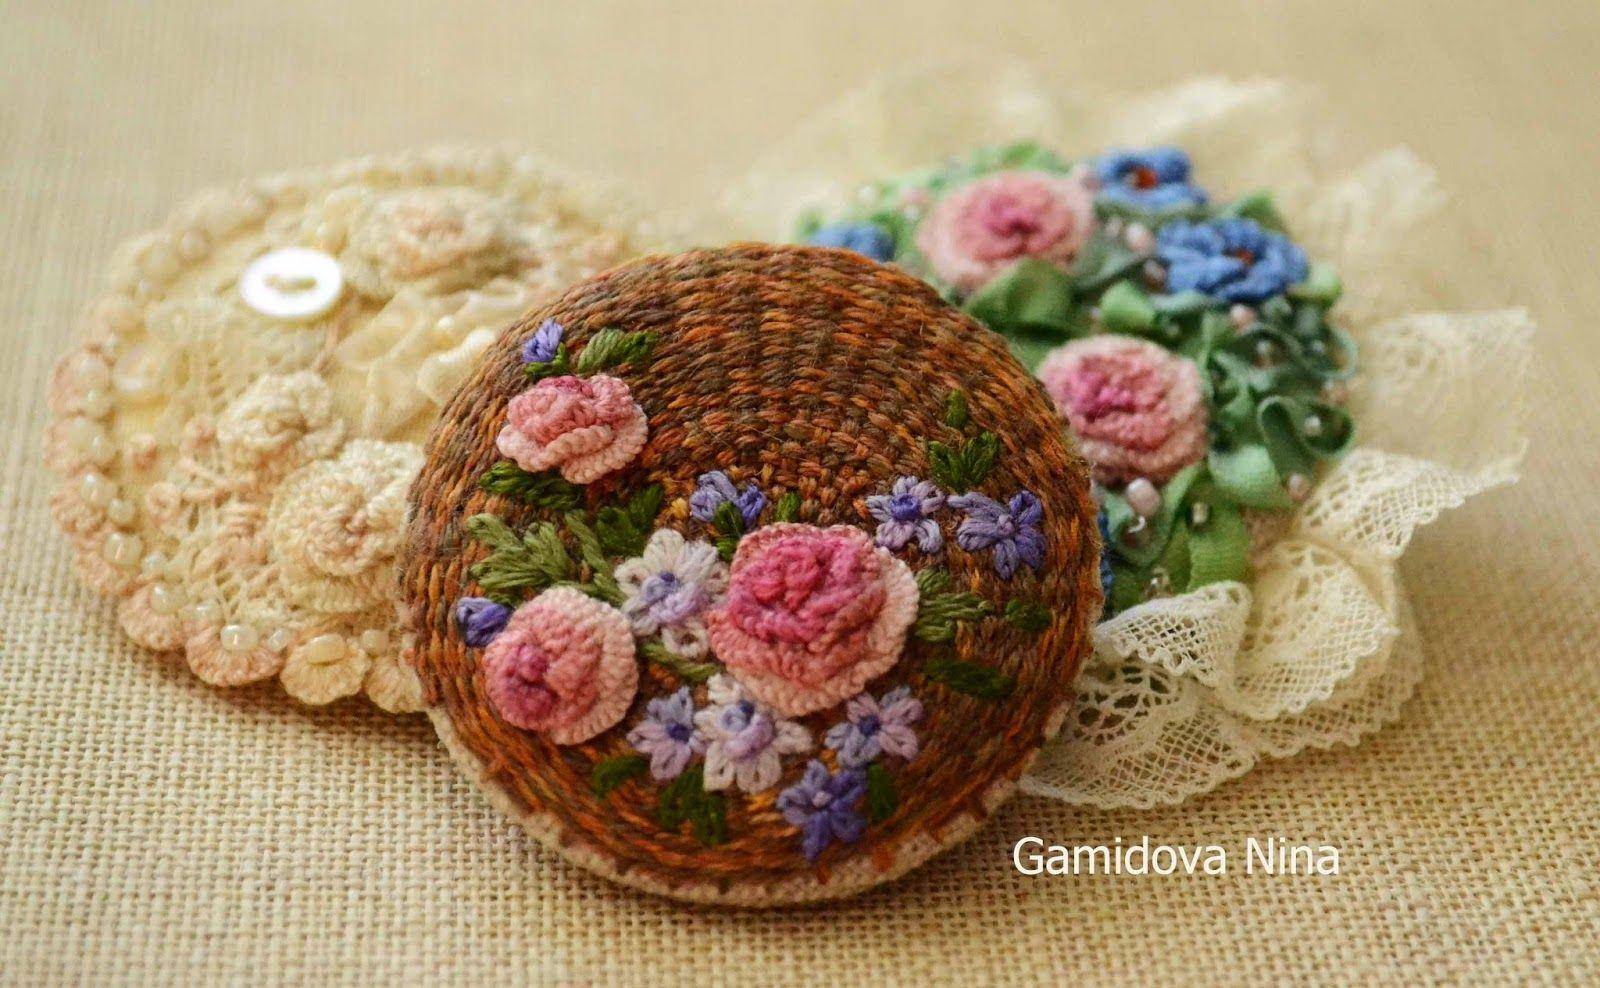 Карусель рукоделия: Текстильные броши с вышивкой.